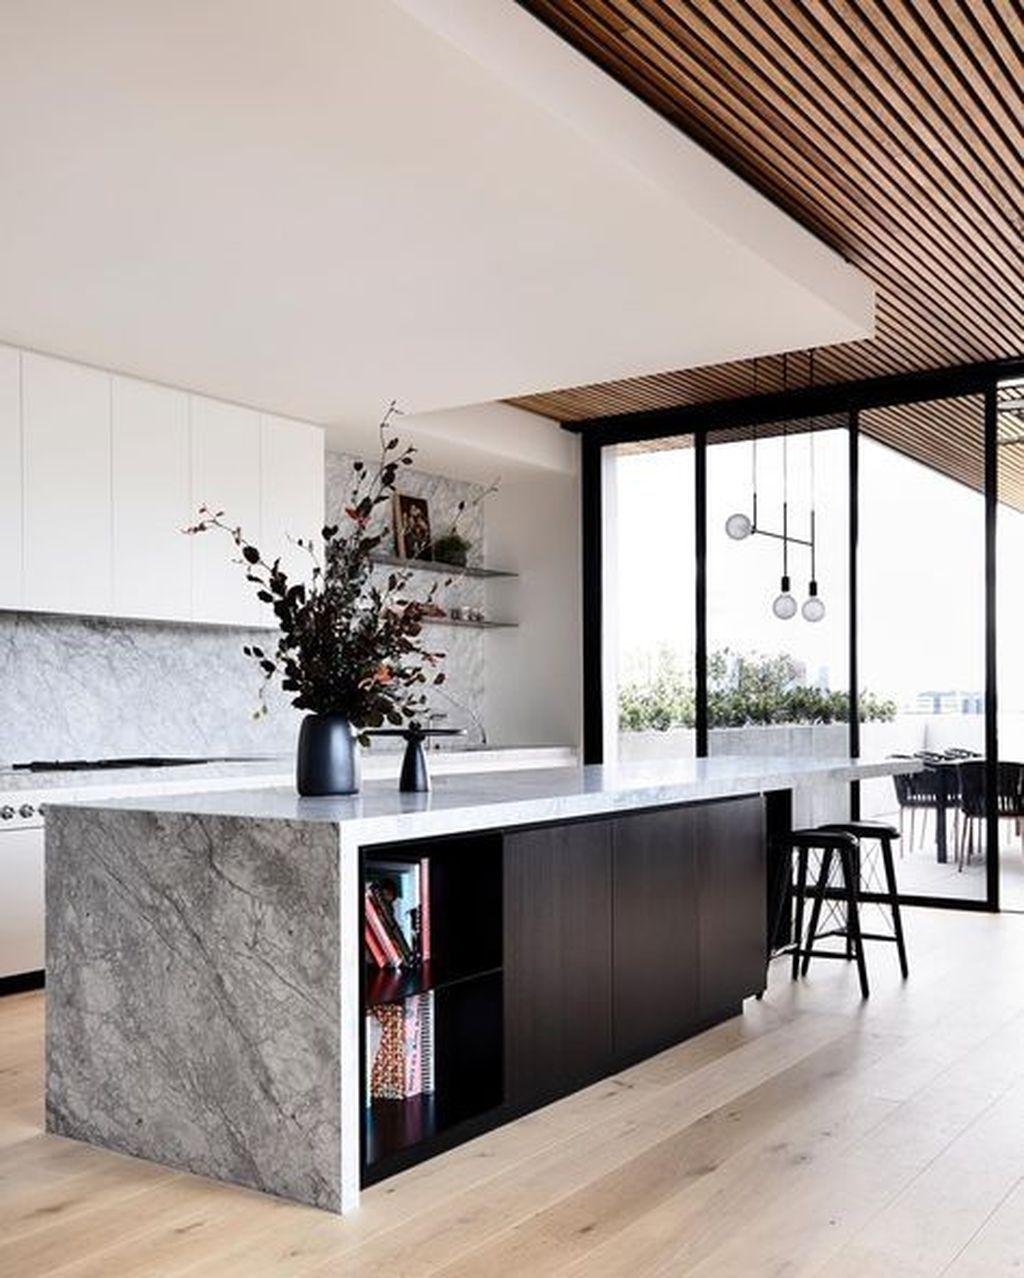 46 Most Popular Modern Kitchen Design Ideas